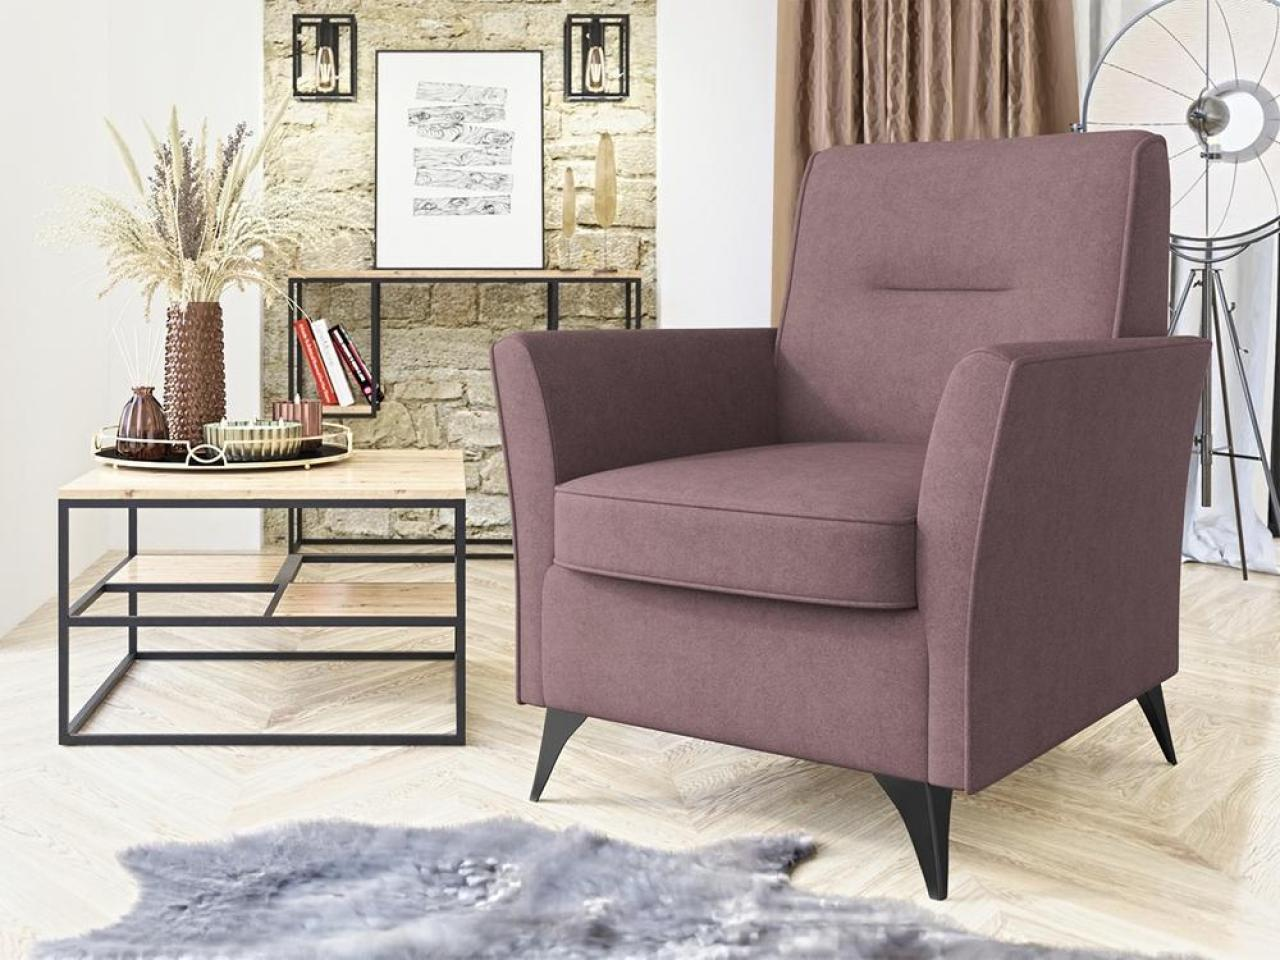 Furnipol - Польская мебель по доступным ценам - 6